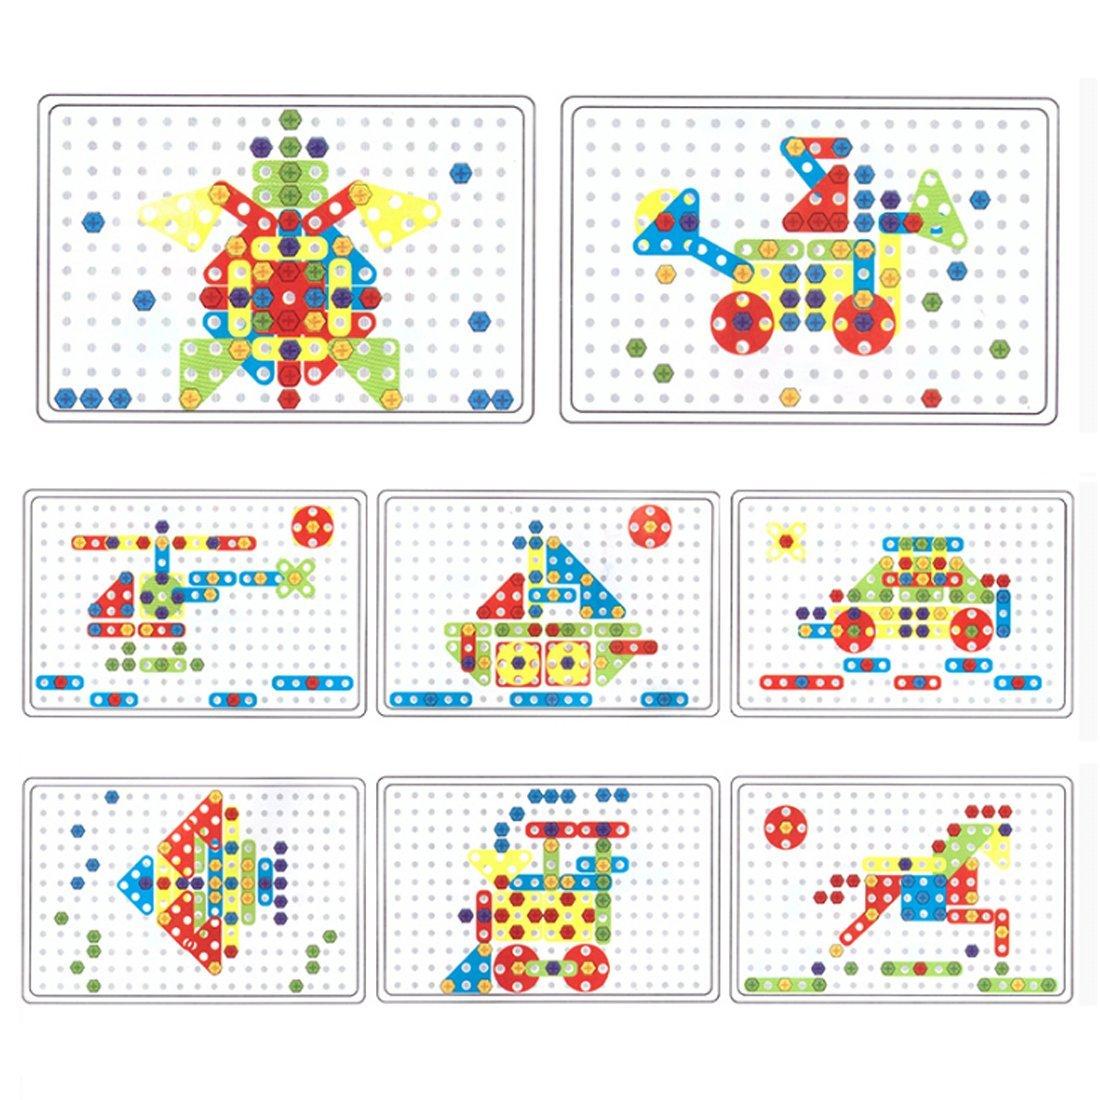 Jeu de Construction Mosaique Jouet Assemblage avec Perceuse /Électrique Jeux Educatif Cadeau pour Enfant Fille Garcon 3 Ans+ lodogsow Mosaique Enfant